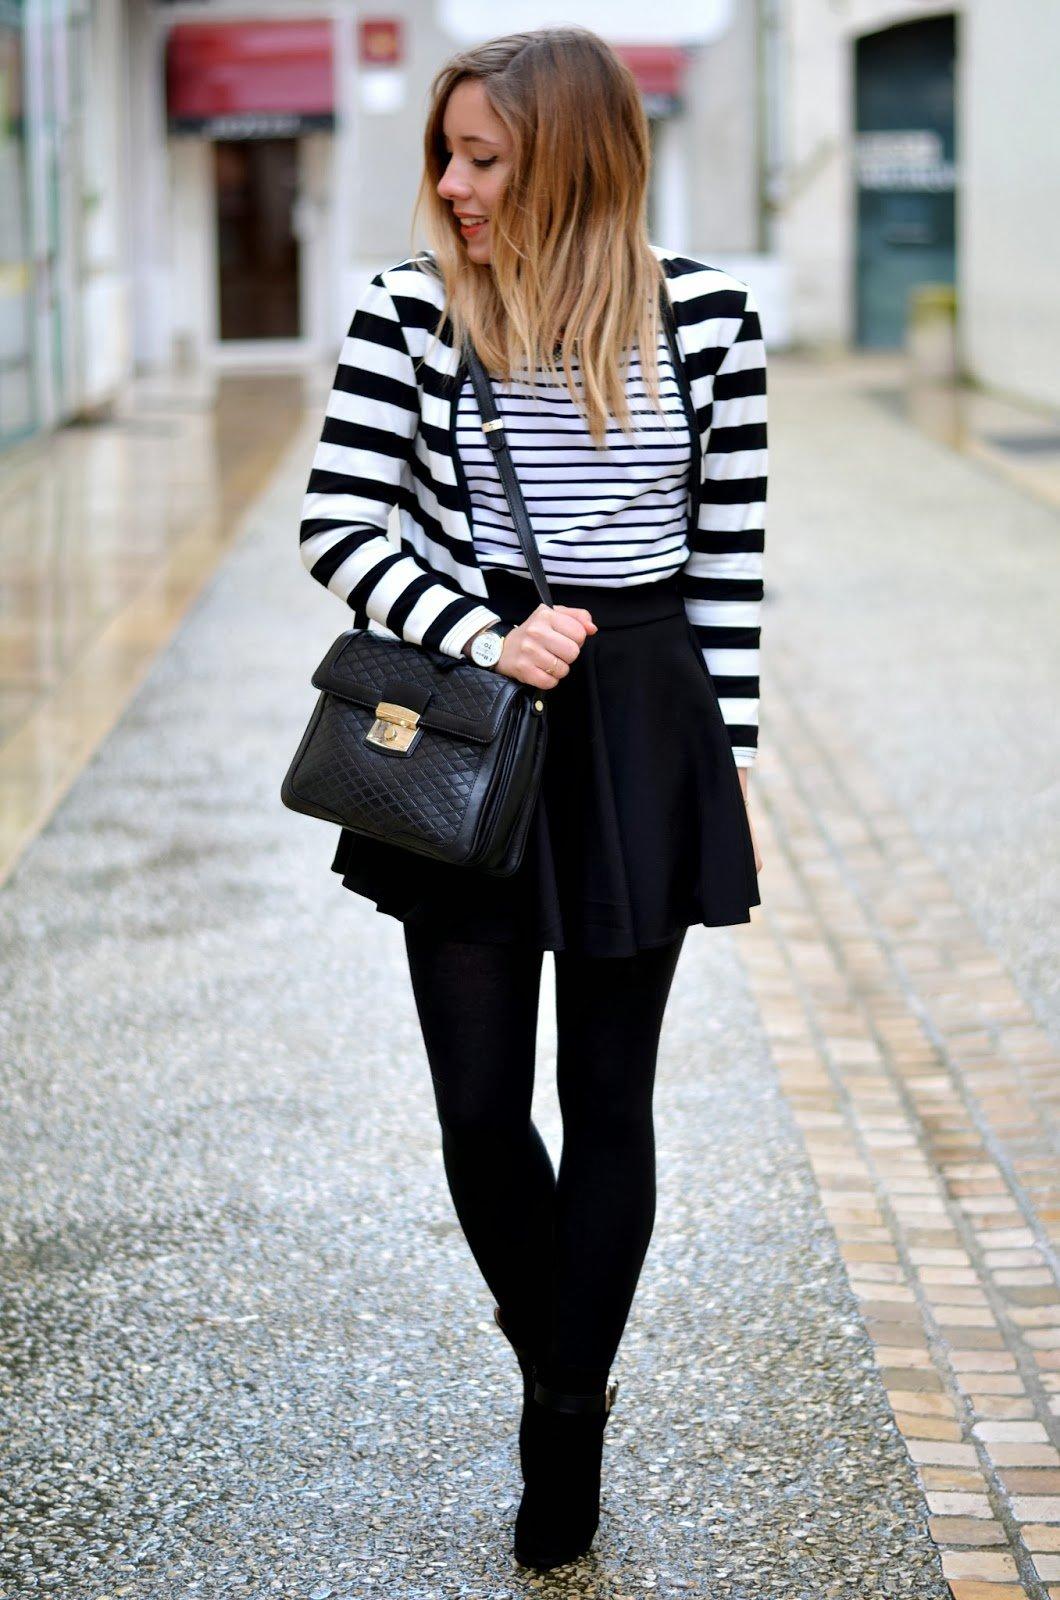 Veste raye noir et blanche